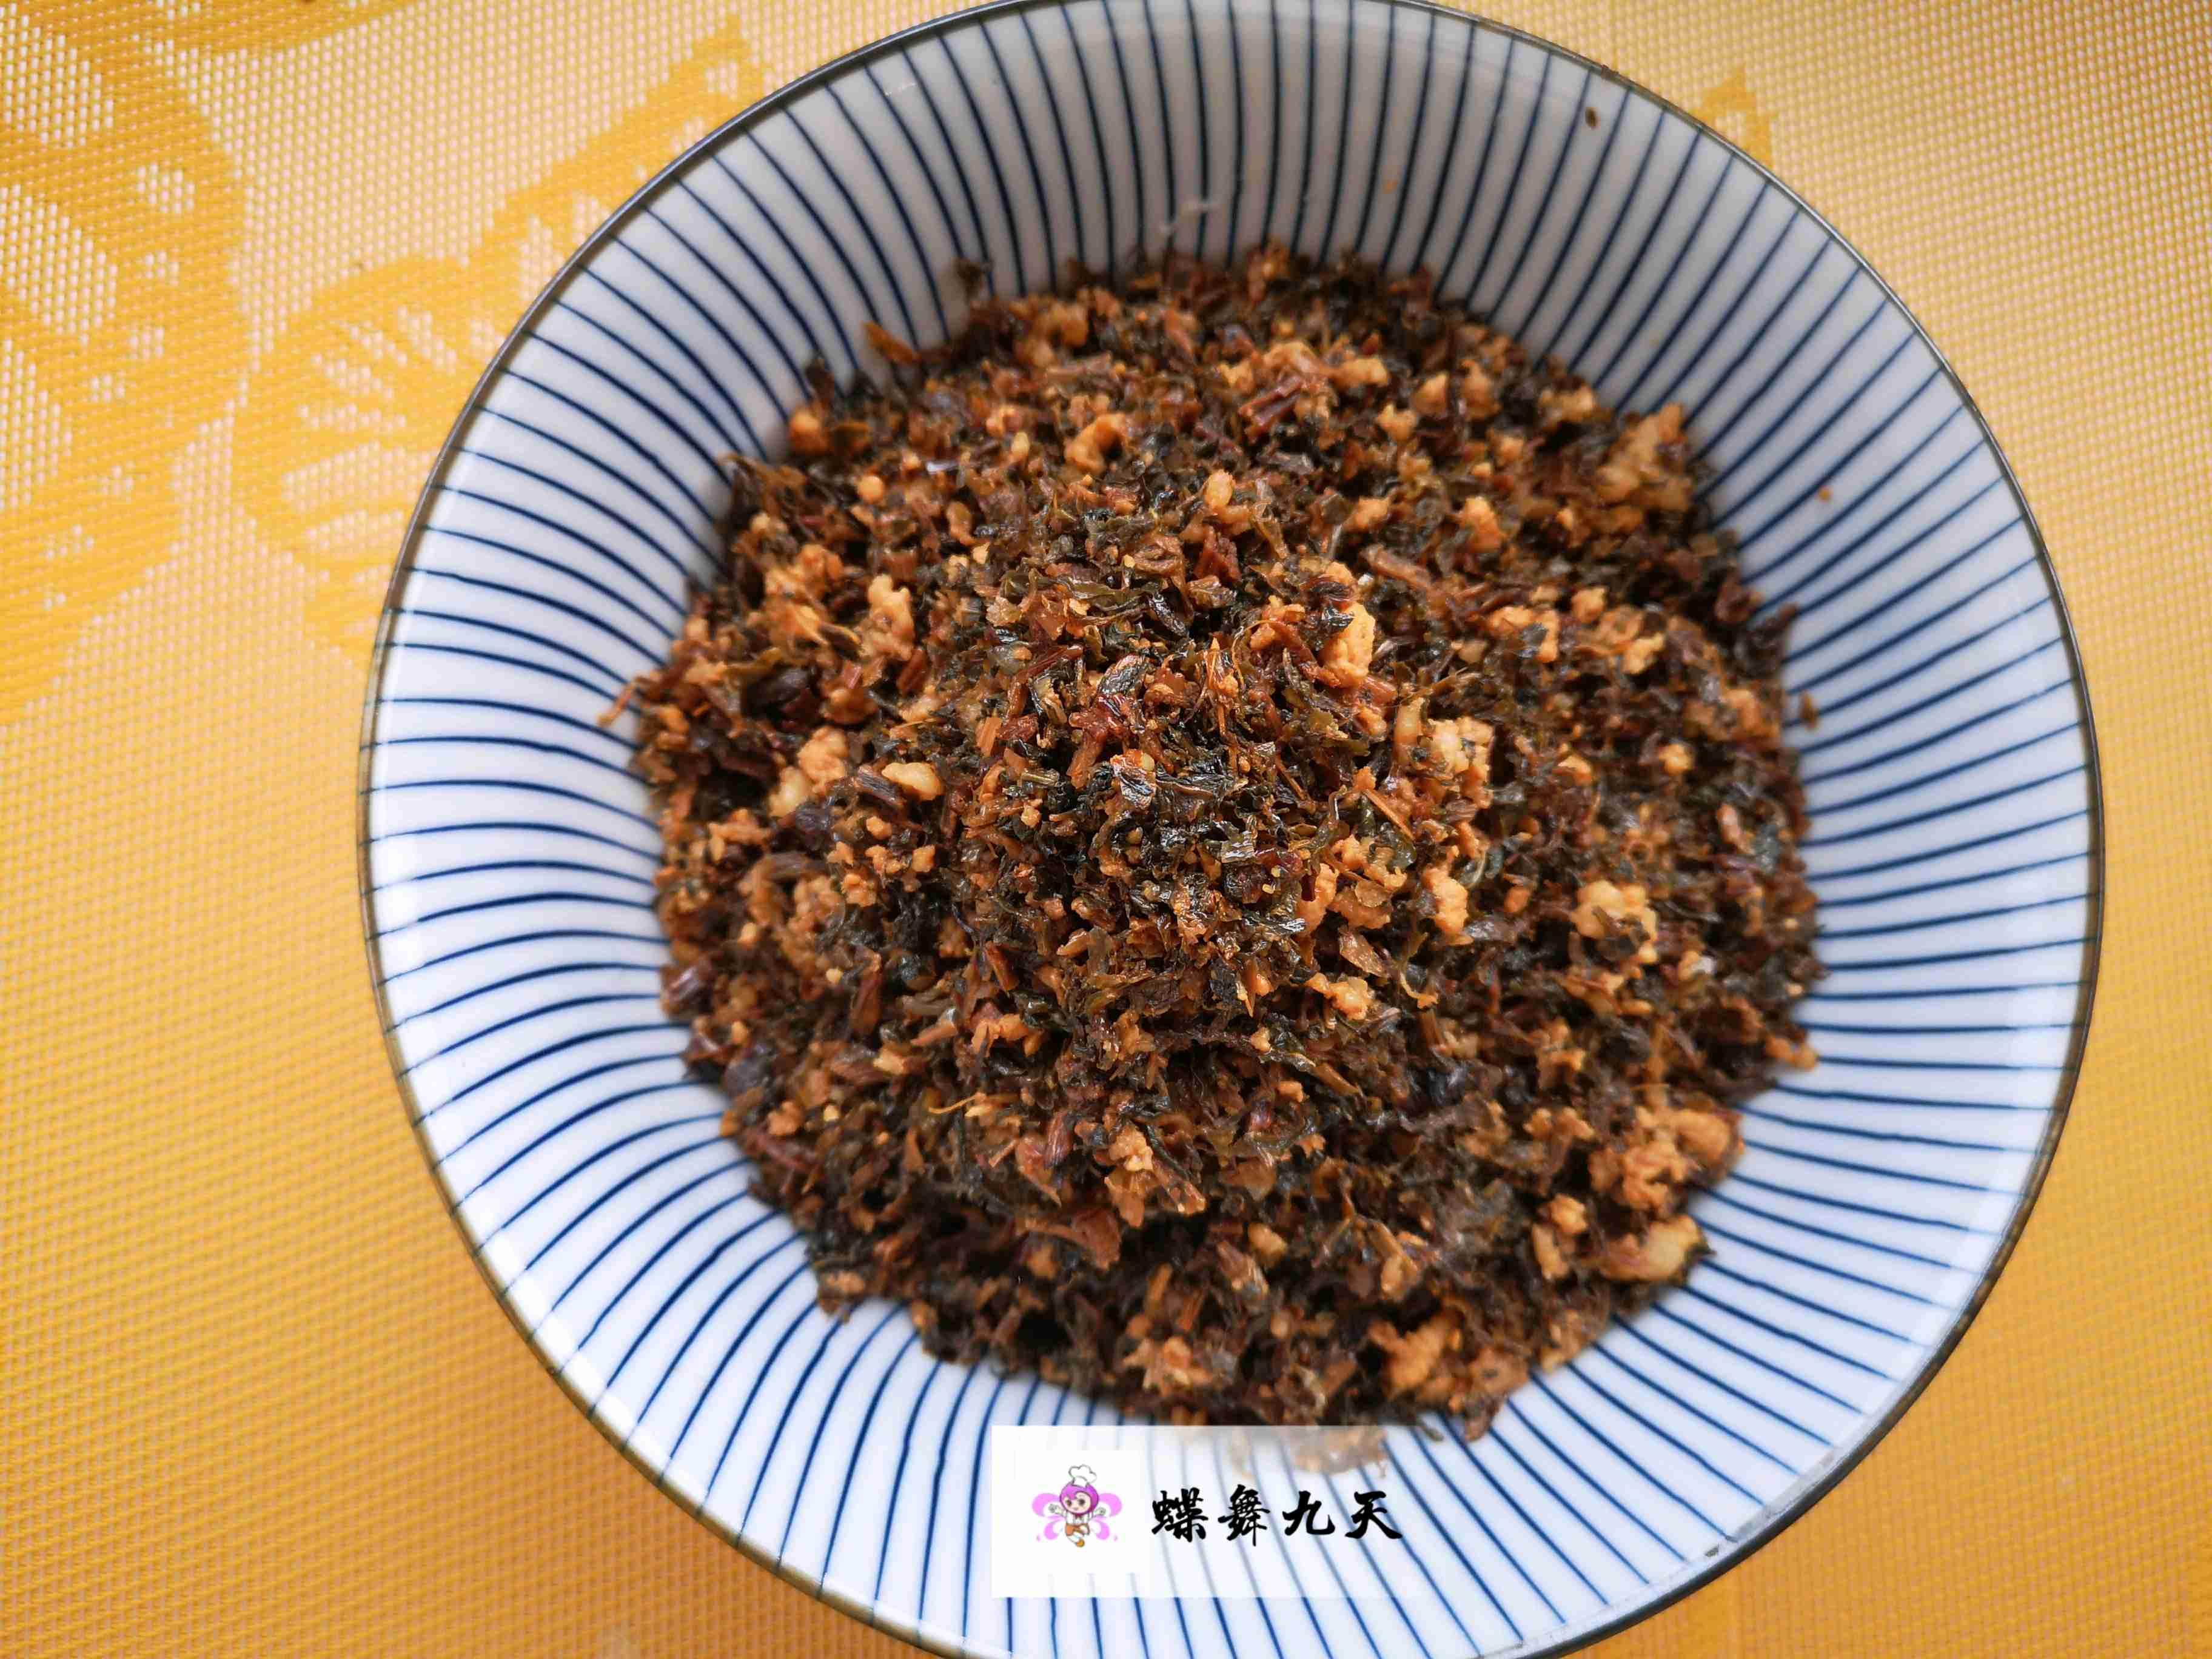 一口平底锅就可搞定,不用油煎巨好吃!梅干菜饼的简单做法